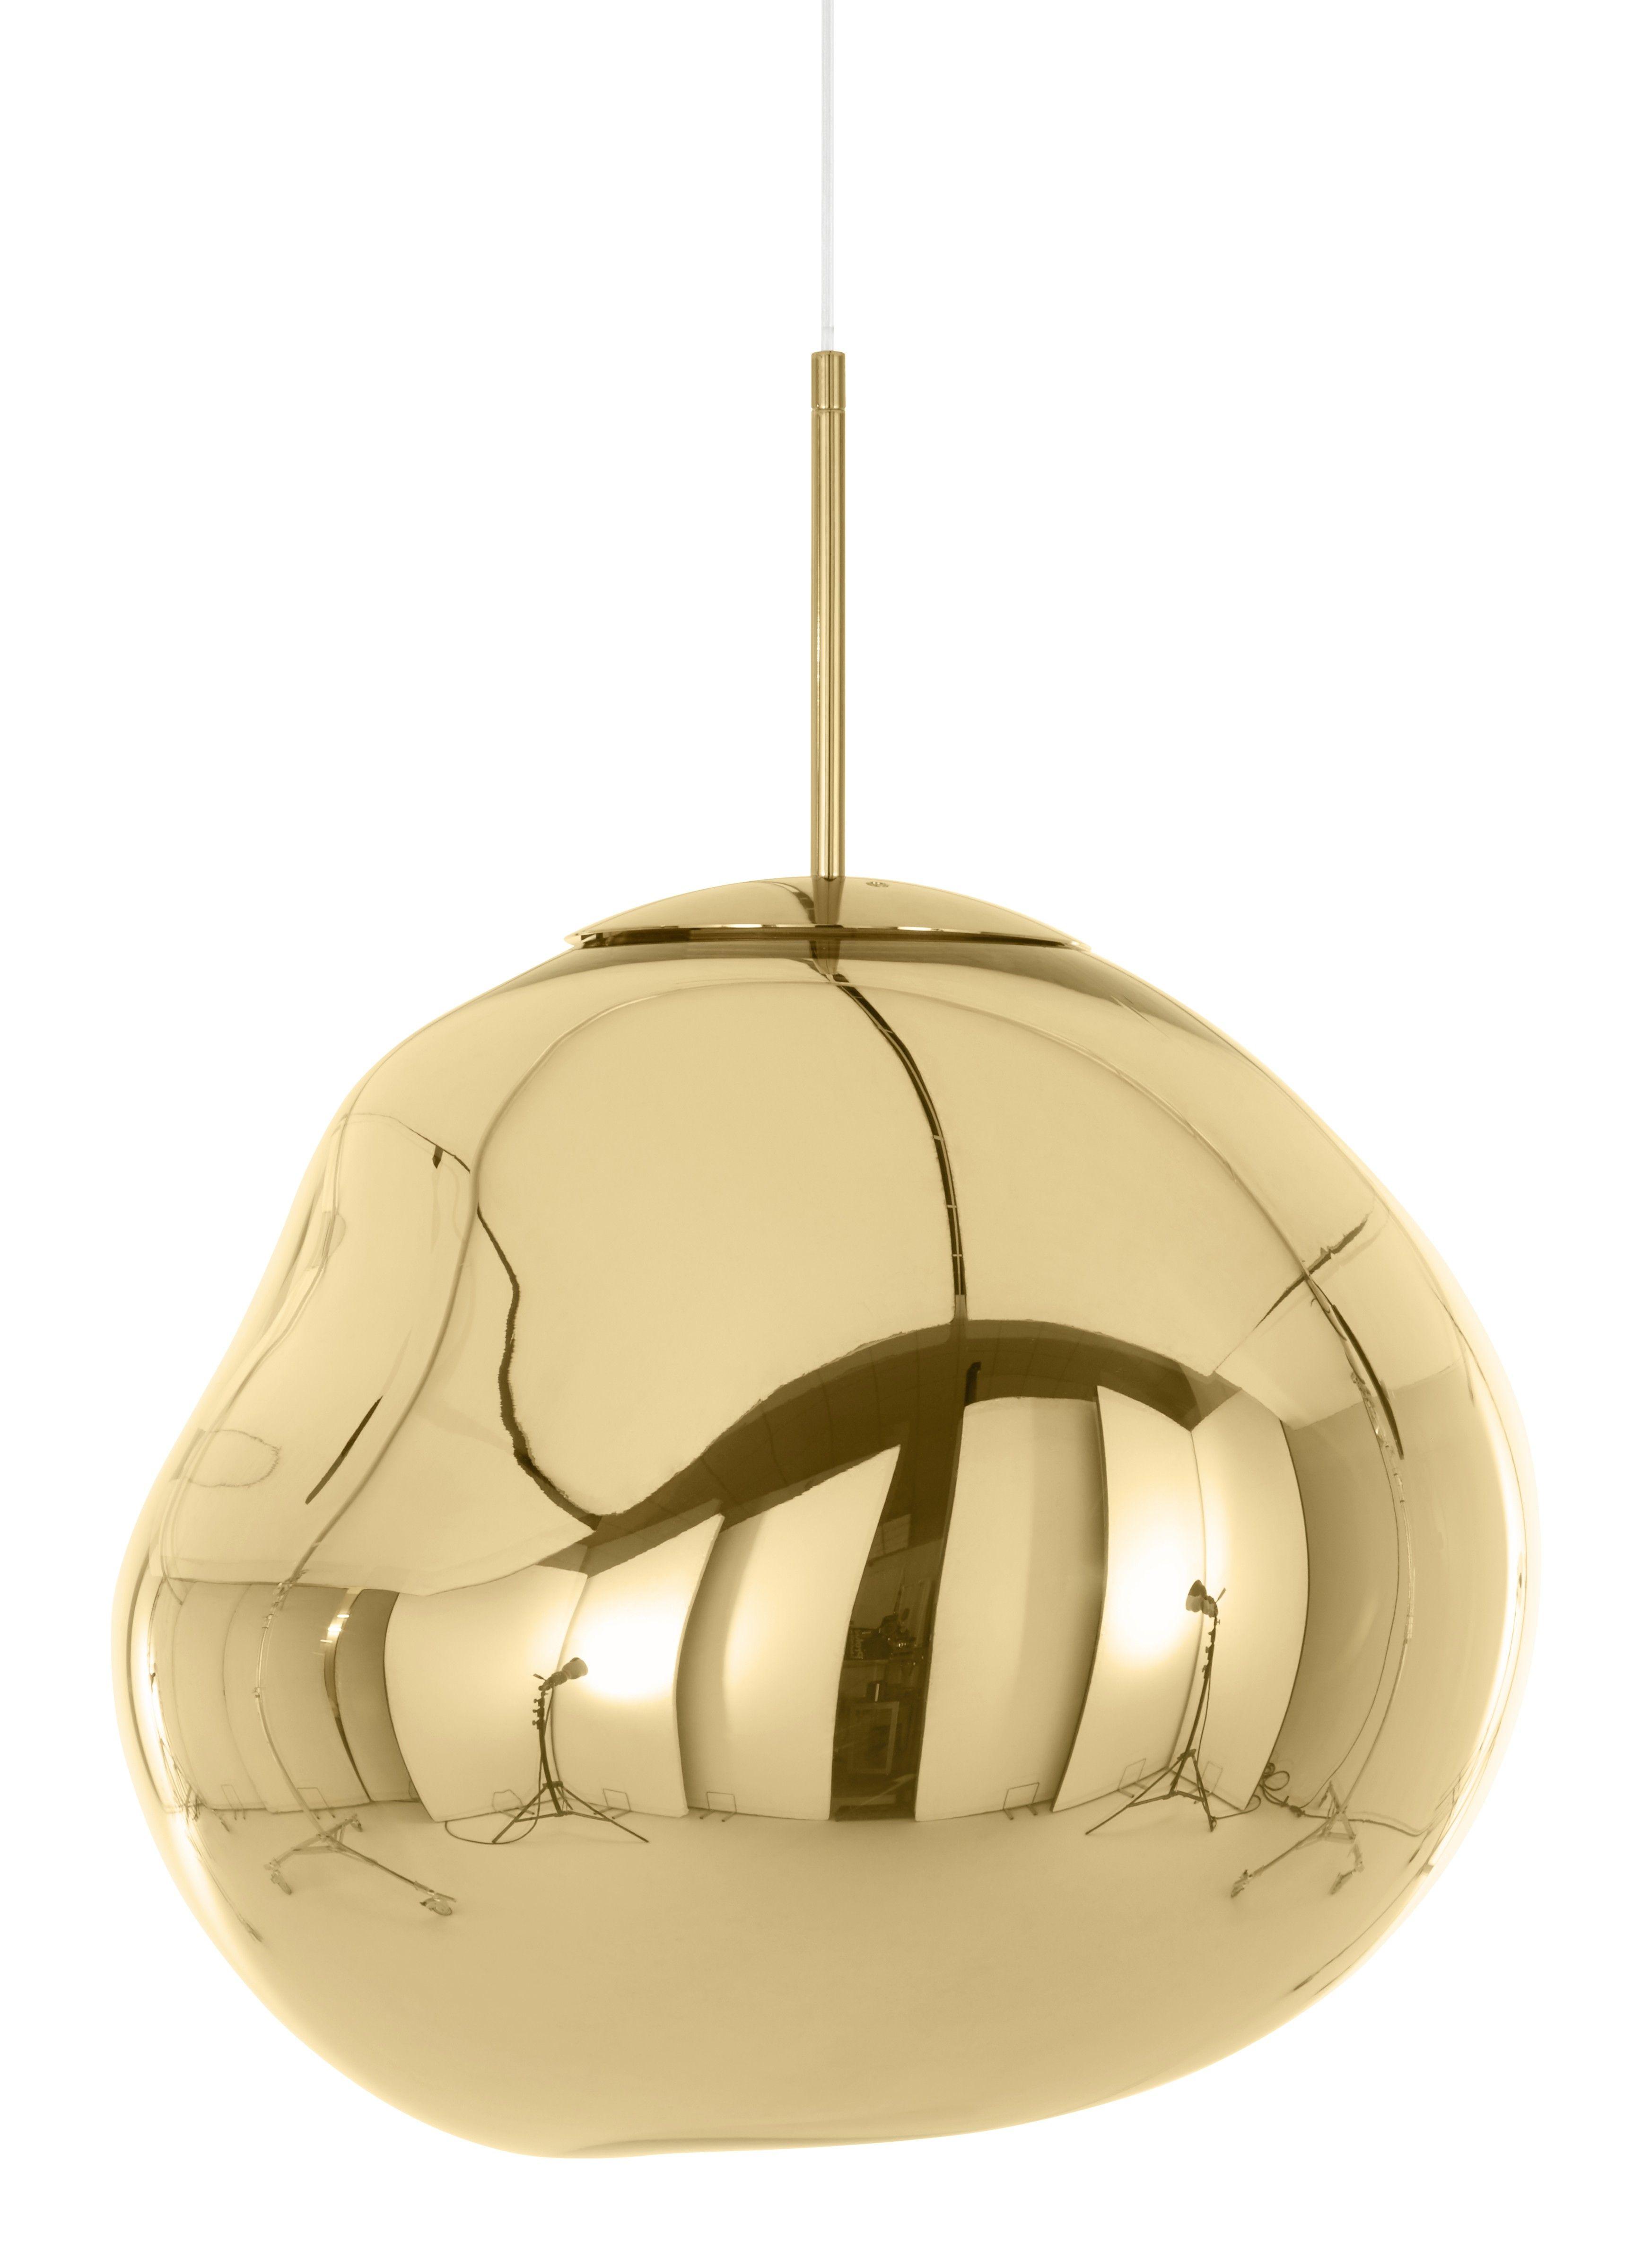 Tom Dixon Melt Pendant Lamp Gold Pendant Lighting Tom Dixon Melt Ceiling Pendant Lights